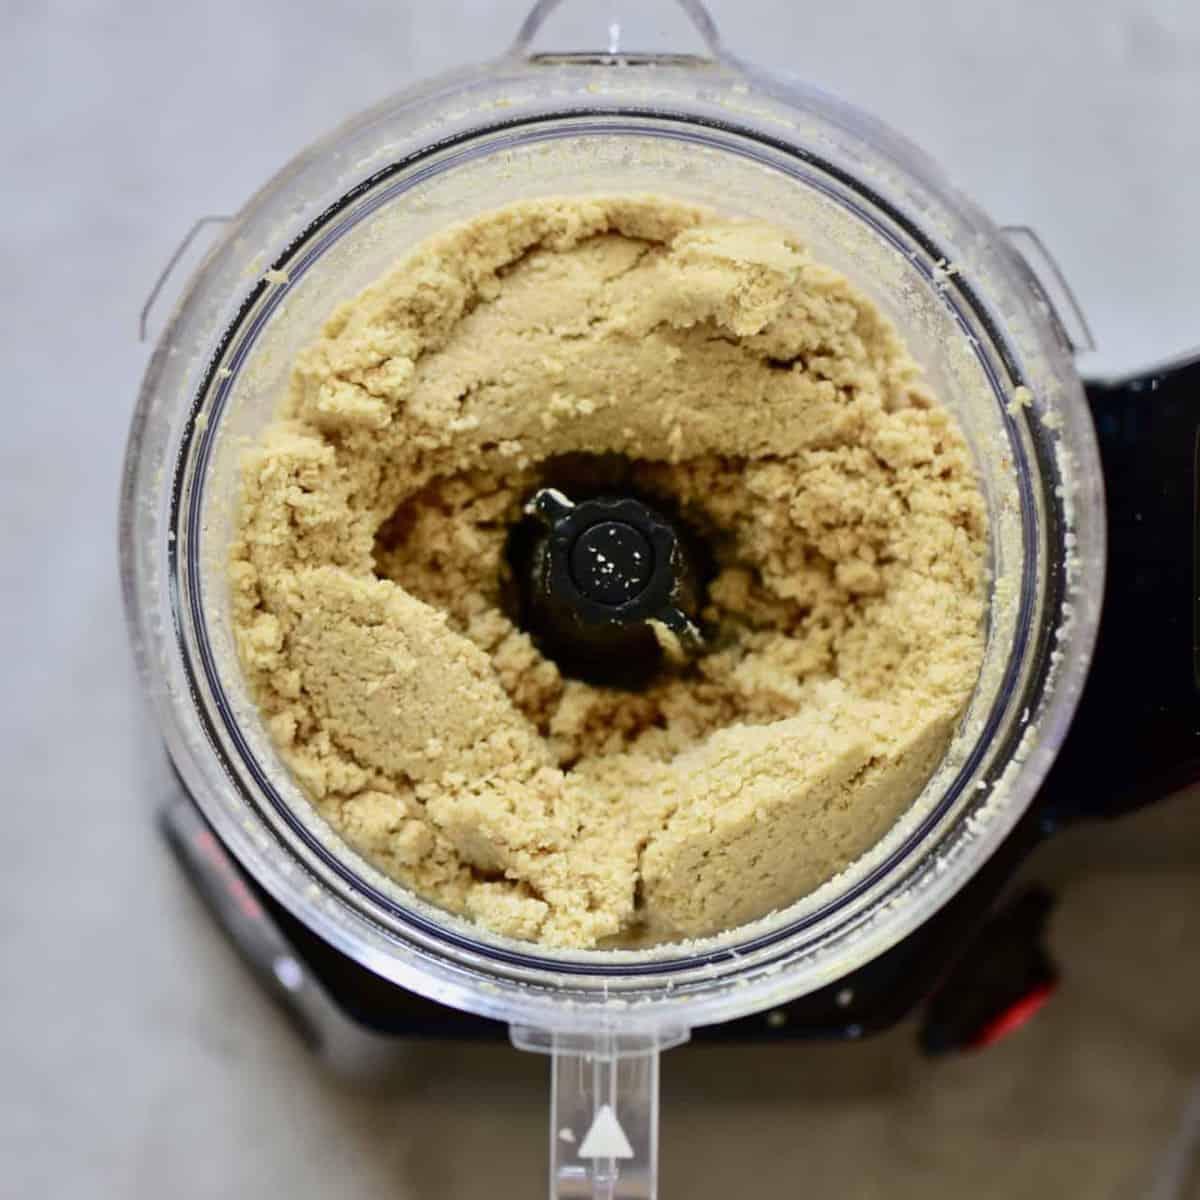 sesame seeds being blended